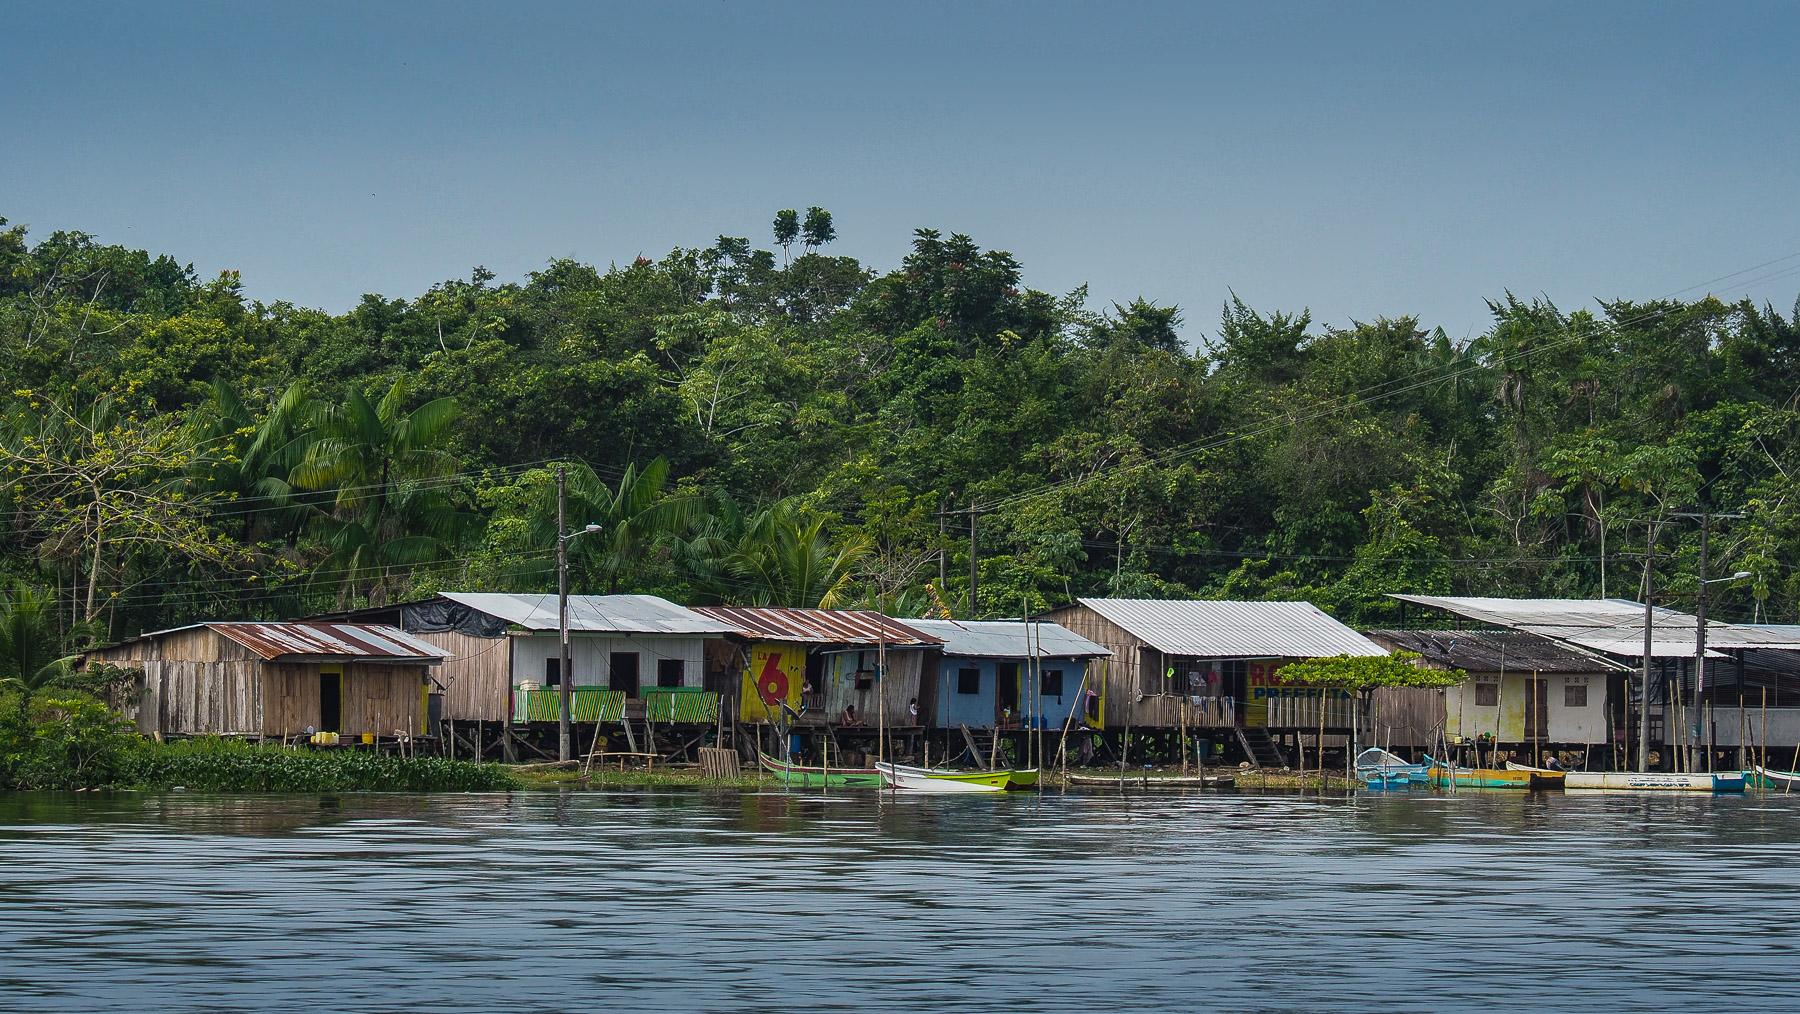 Unsere Bootsfahrt führt vorbei an Siedlungen am Fluss…